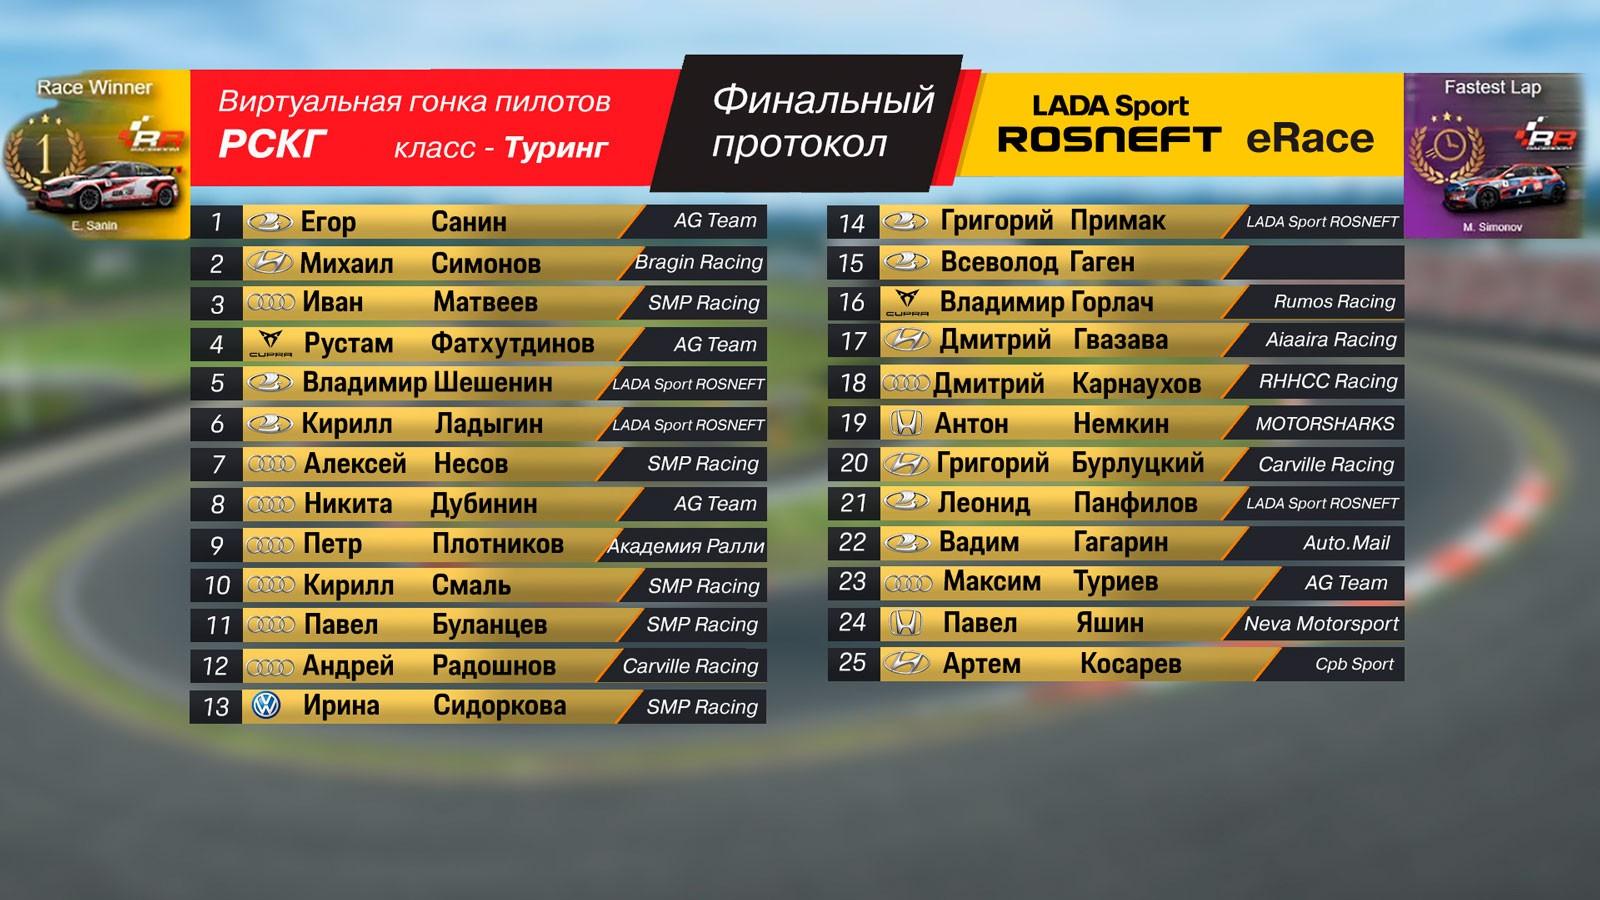 Победителем онлайн-гонки LADA Sport ROSNEFT eRace среди реальных пилотов стал Егор Санин